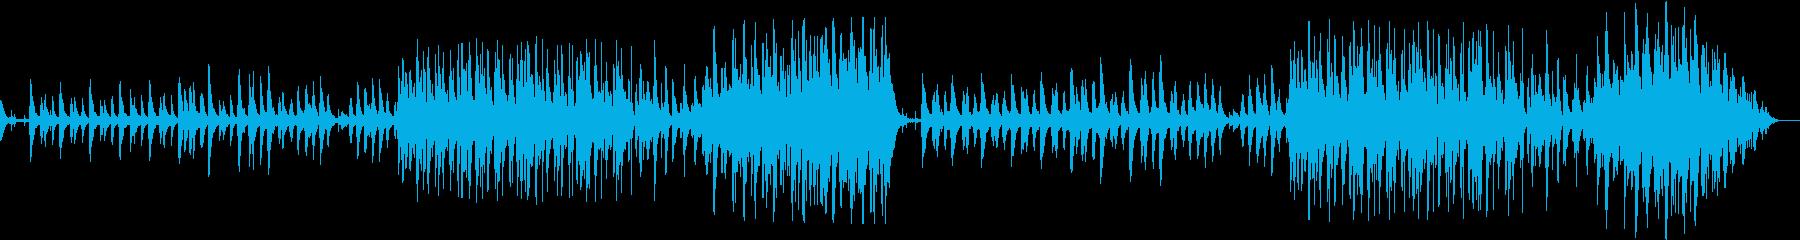 ドキドキするシーン(弦楽器とドラムス)の再生済みの波形